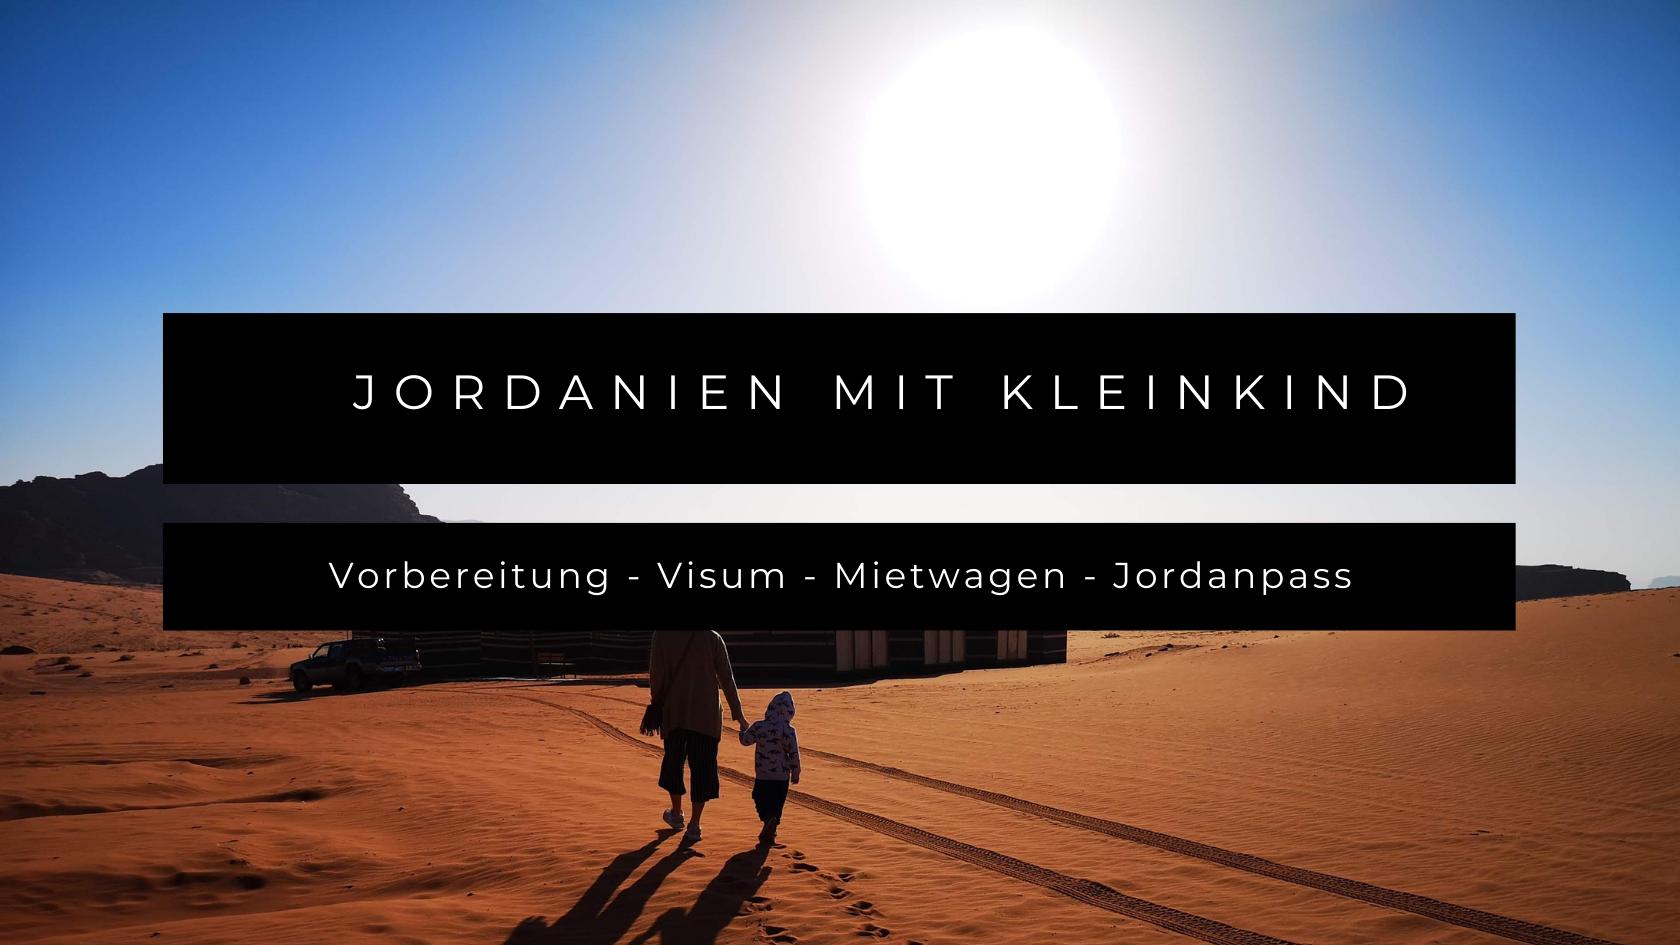 Jordanien mit Kleinkind - Vorbereitung, Visum, Mietwagen, Jordanpass